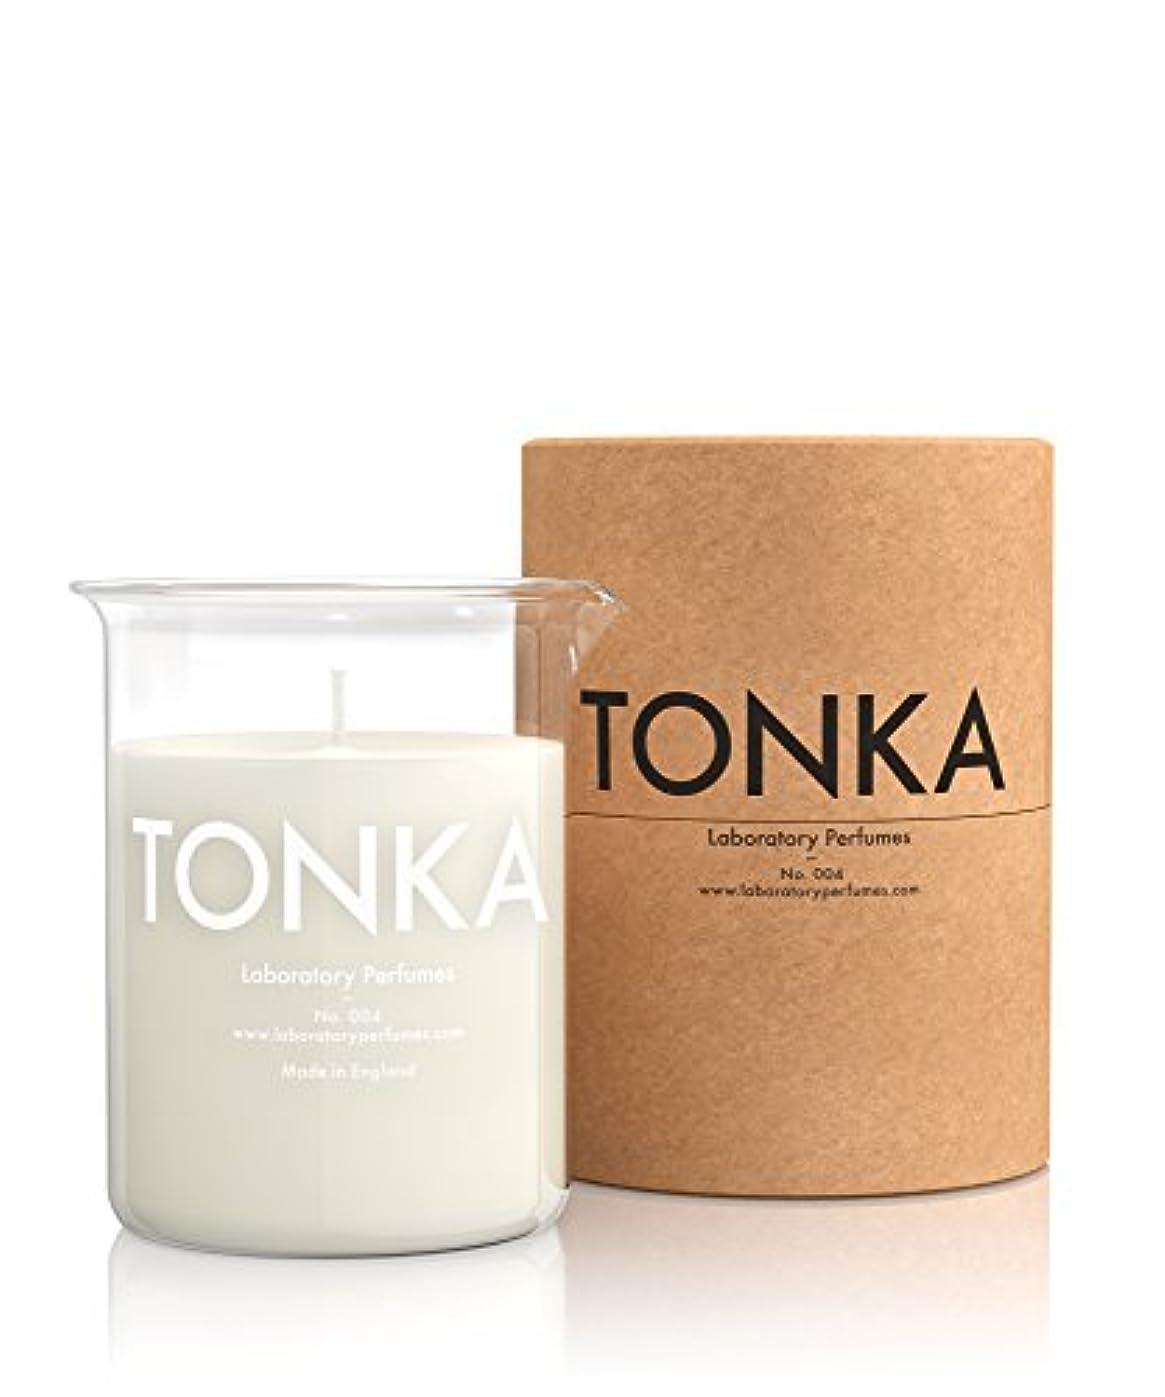 クリックスナッチ栄養Labortory Perfumes キャンドル トンカ Tonka (アロマティックオリエンタル Aromatic Oriental) Candle ラボラトリー パフューム